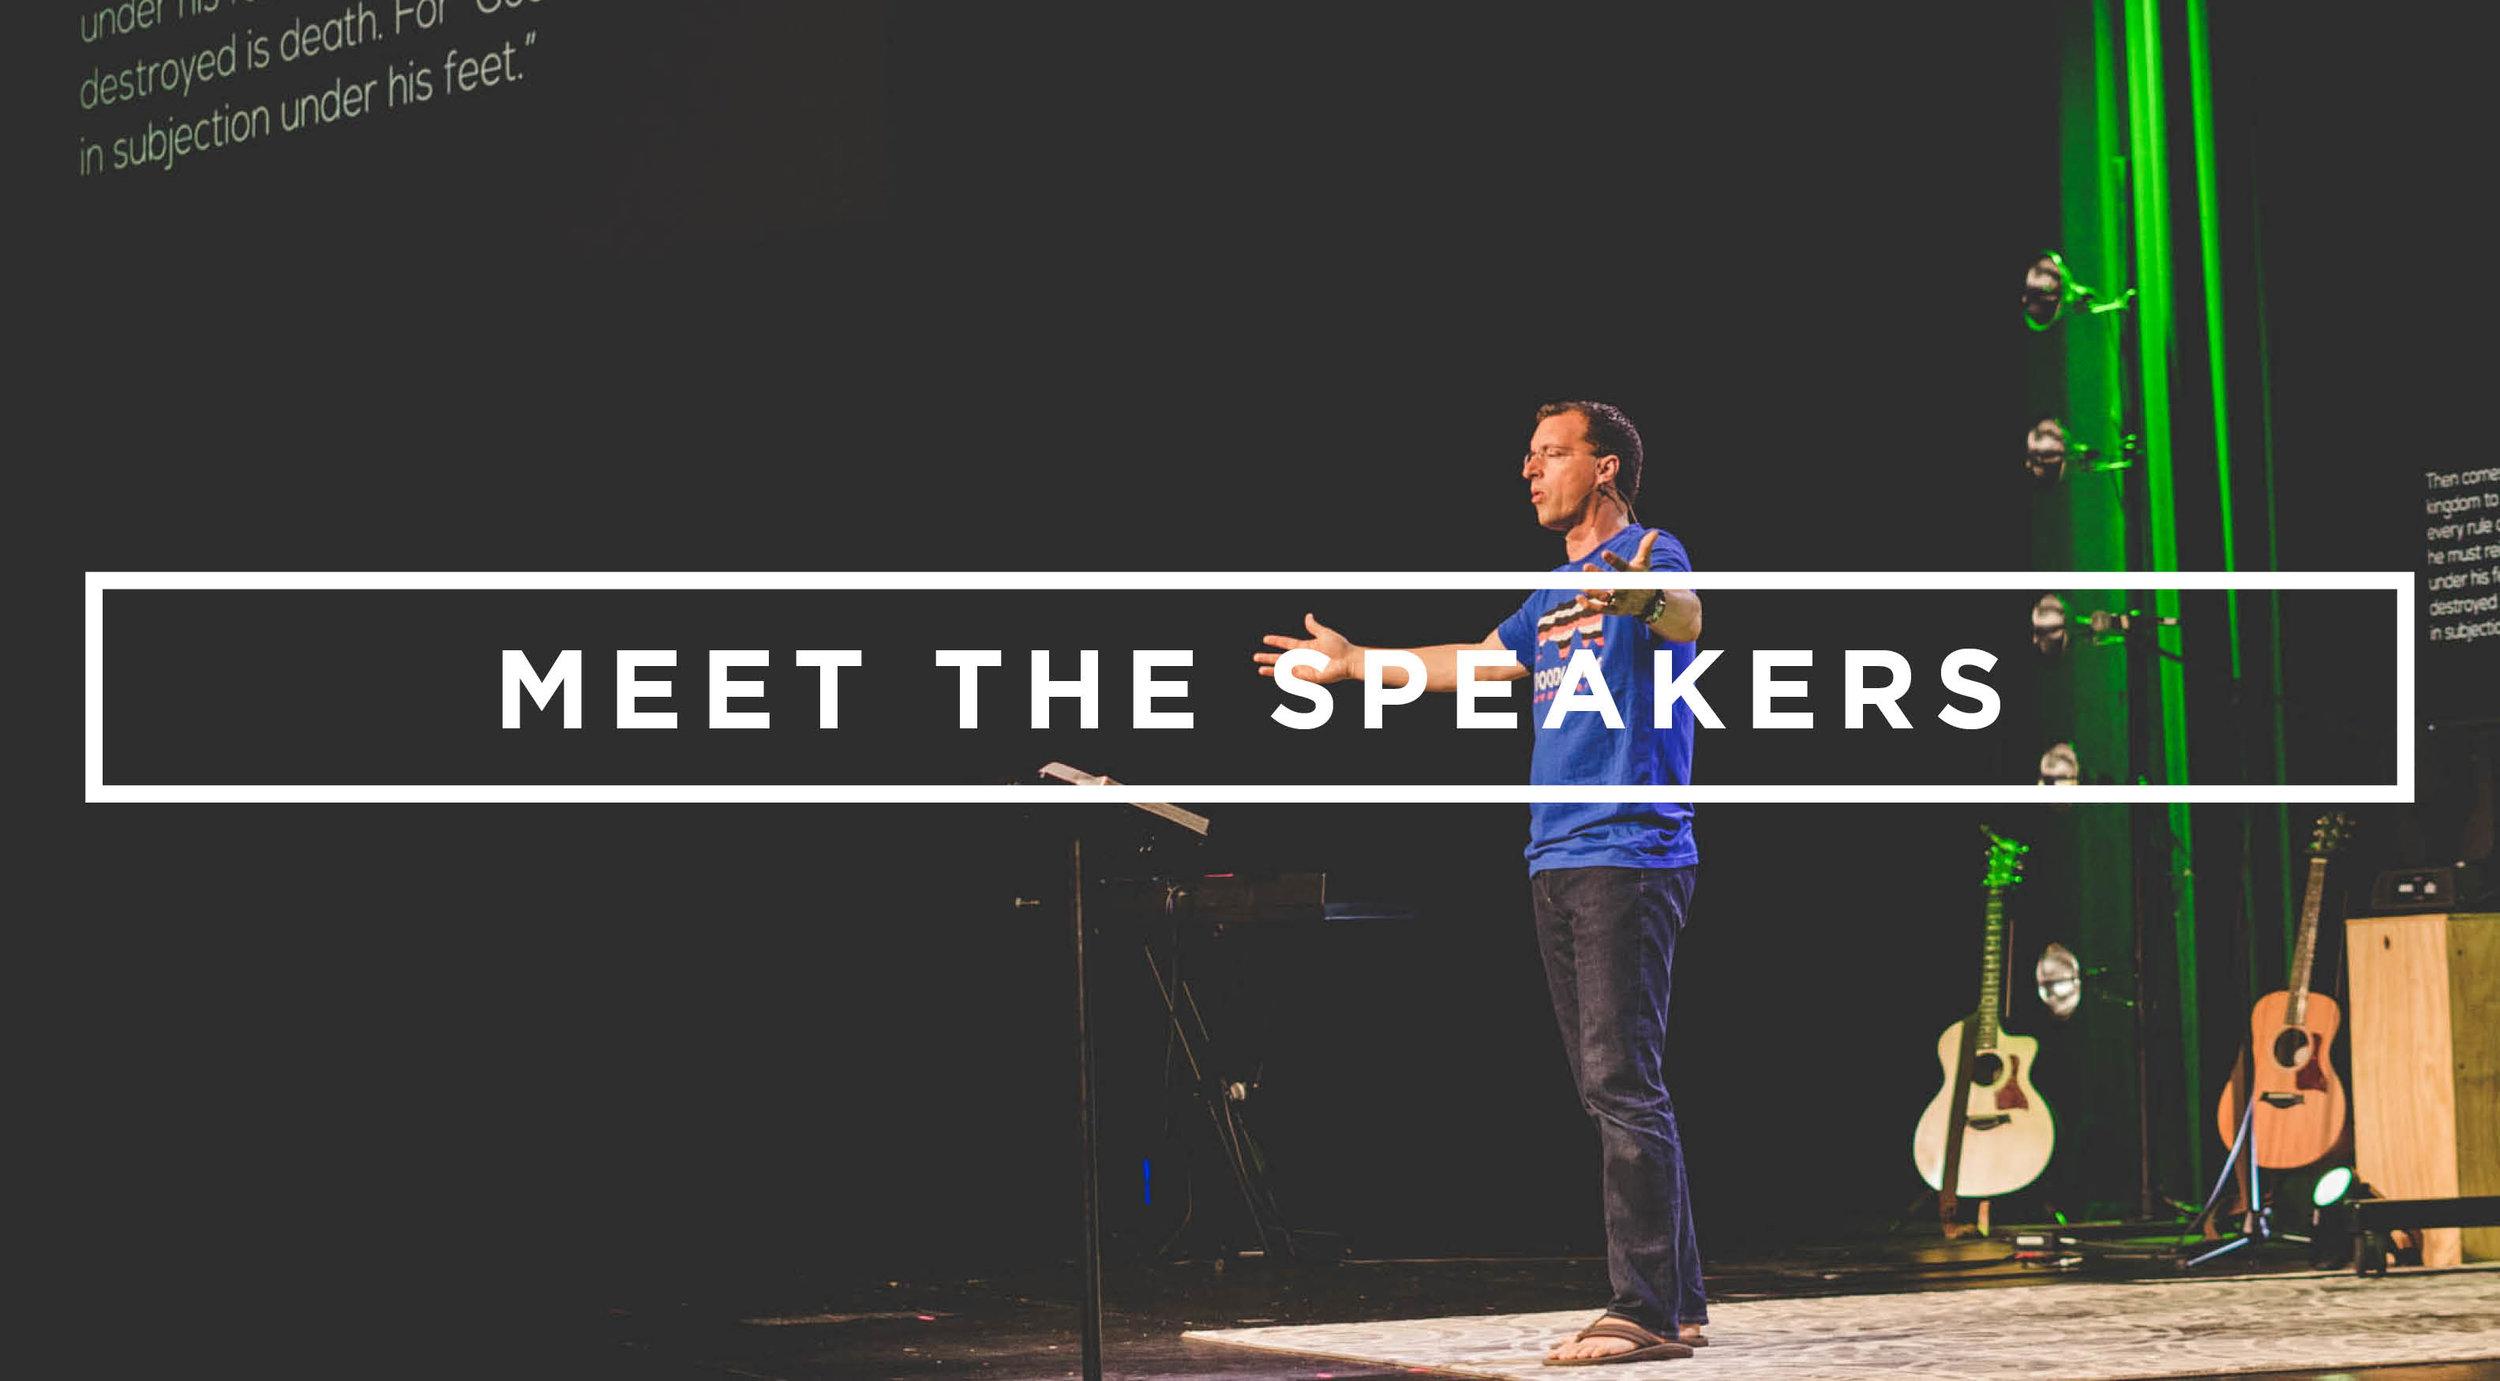 meet the speakers2.jpg